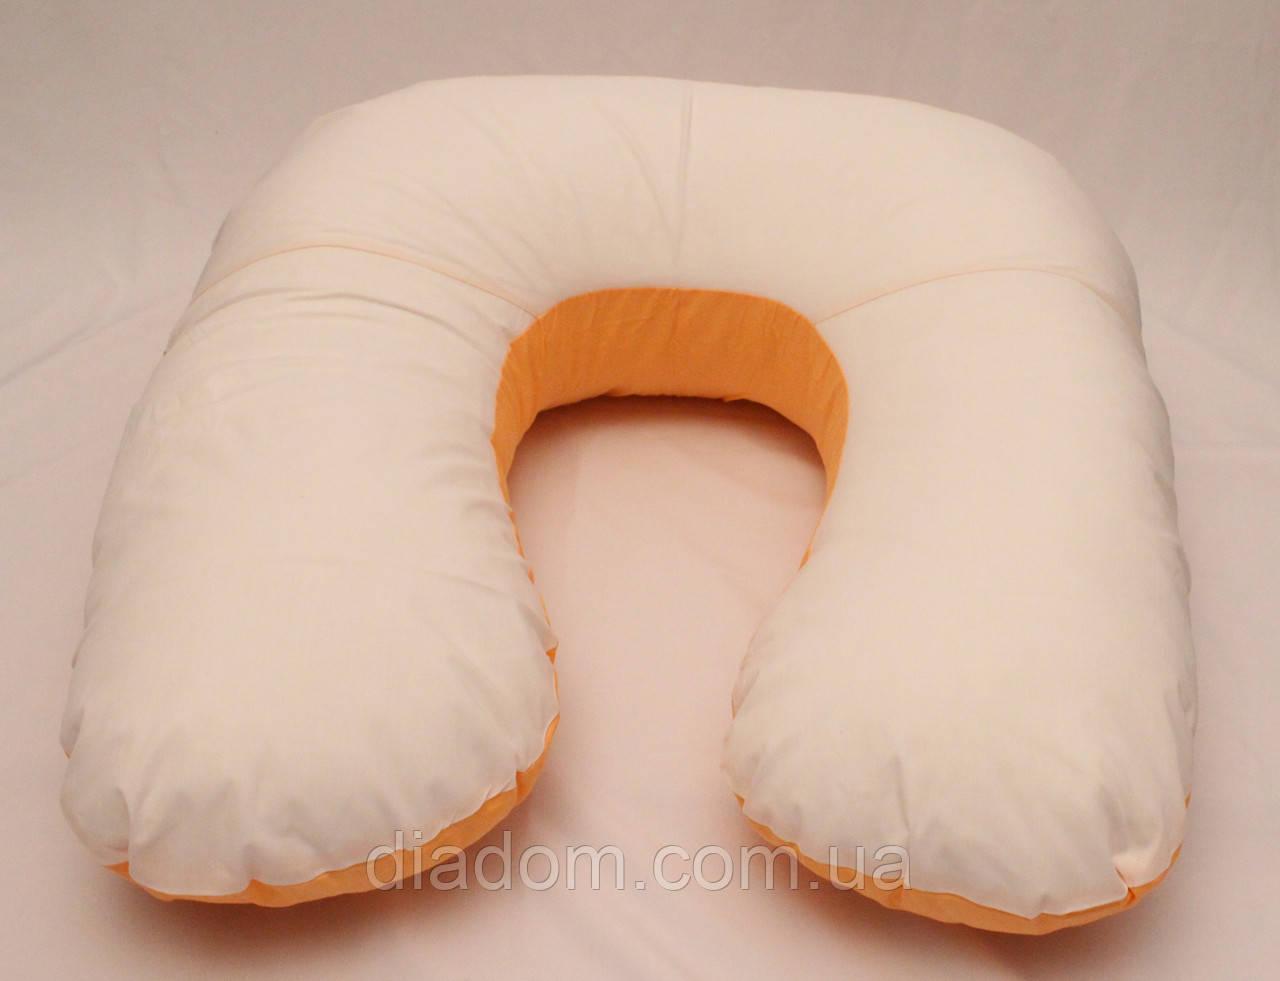 Подушка Для Беременных и Кормления Light Exclusive, В комплекте: наволочка - Бело-Оранжевая